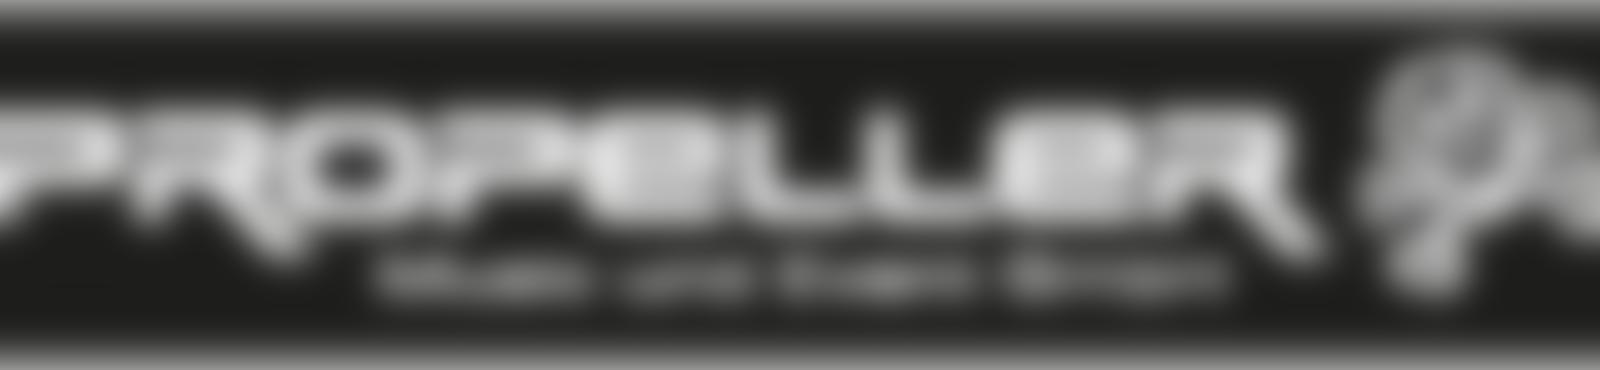 Blurred 789754b9 c43c 482d ba4a a5eb196c8de7